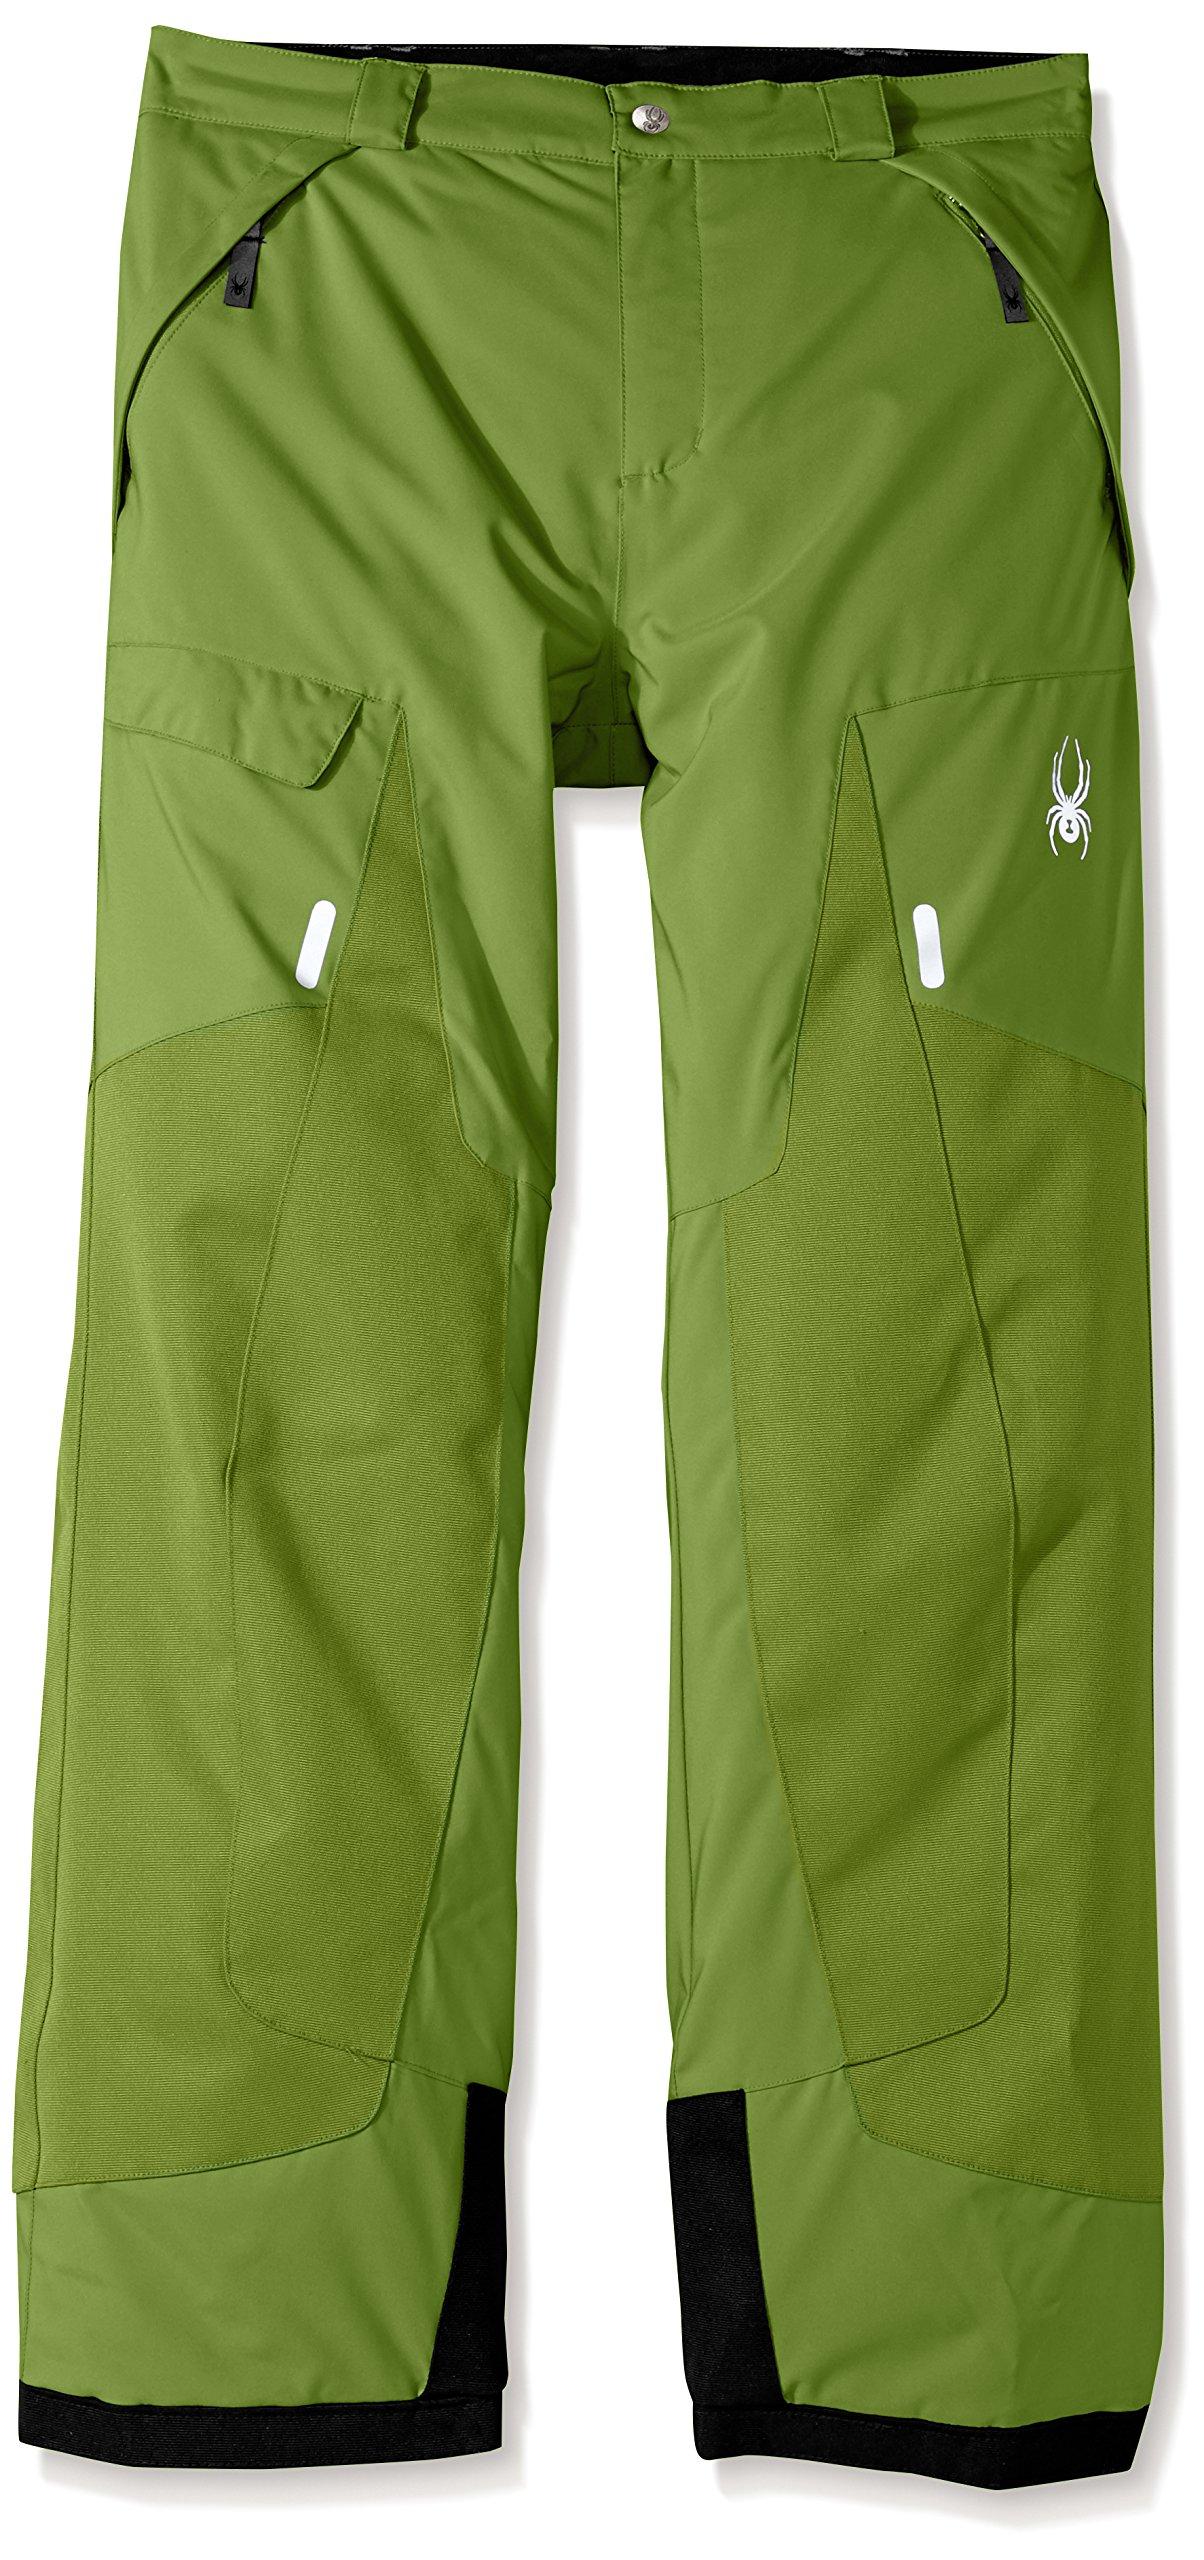 Spyder Boy's Action Ski Pant, Fresh, Size 10 by Spyder